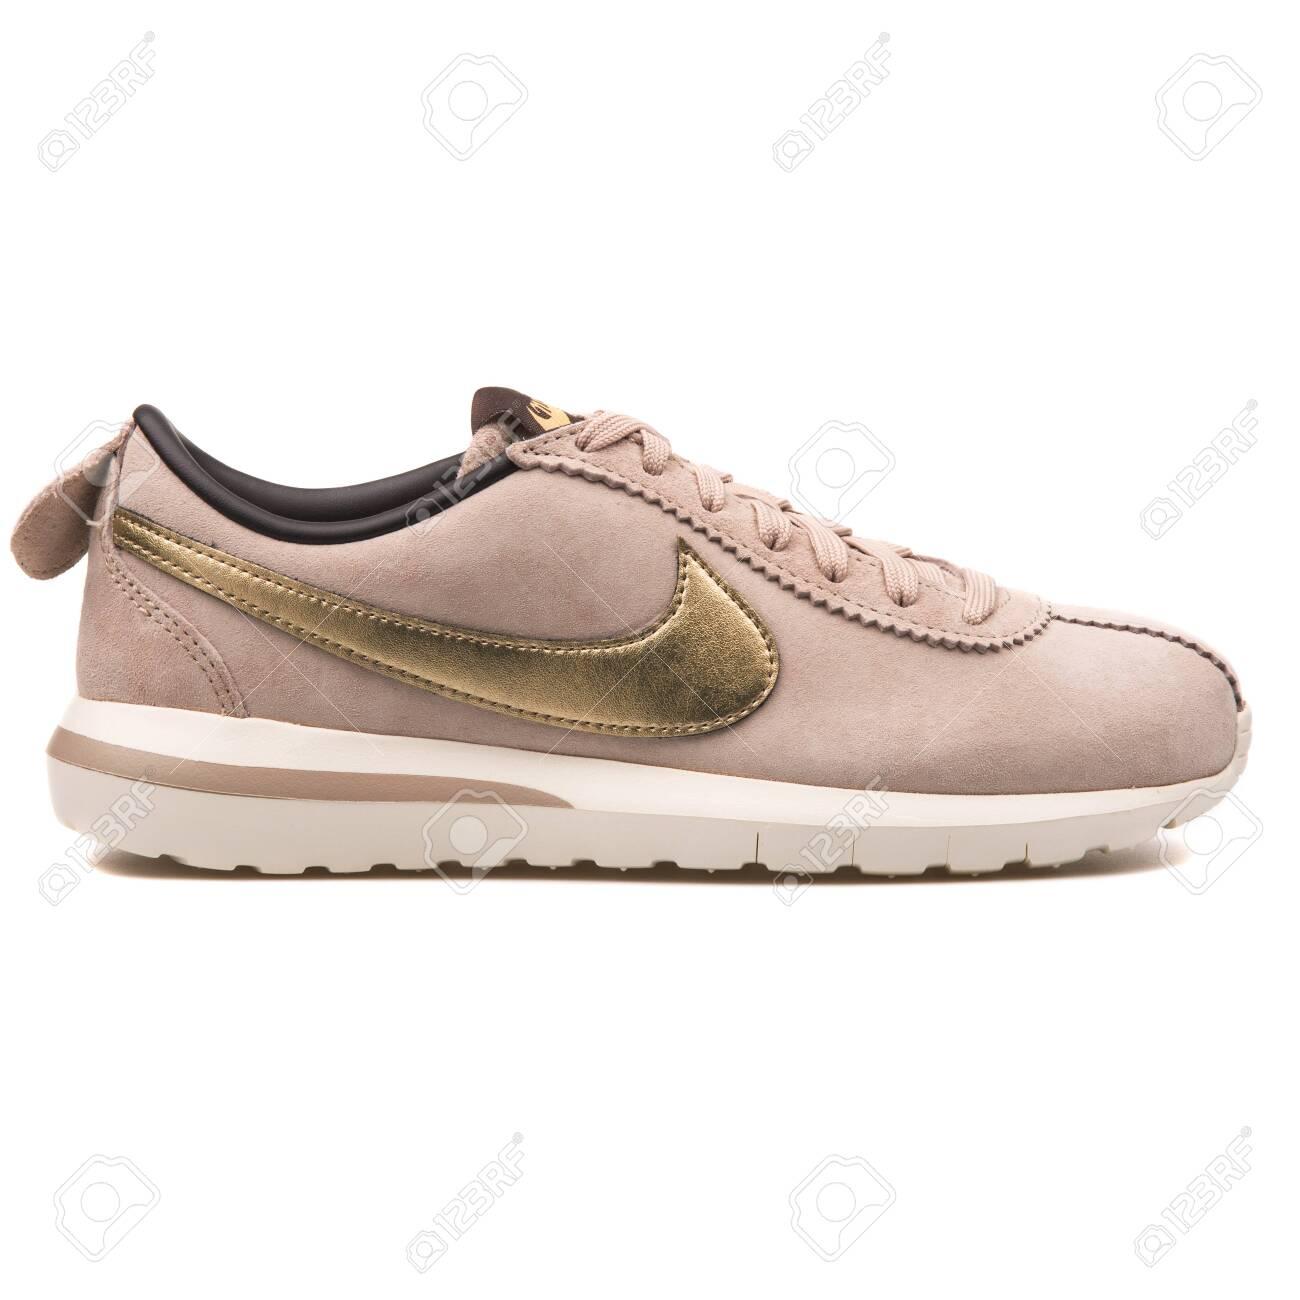 Nike Roshe Cortez NM Premium.. Stock